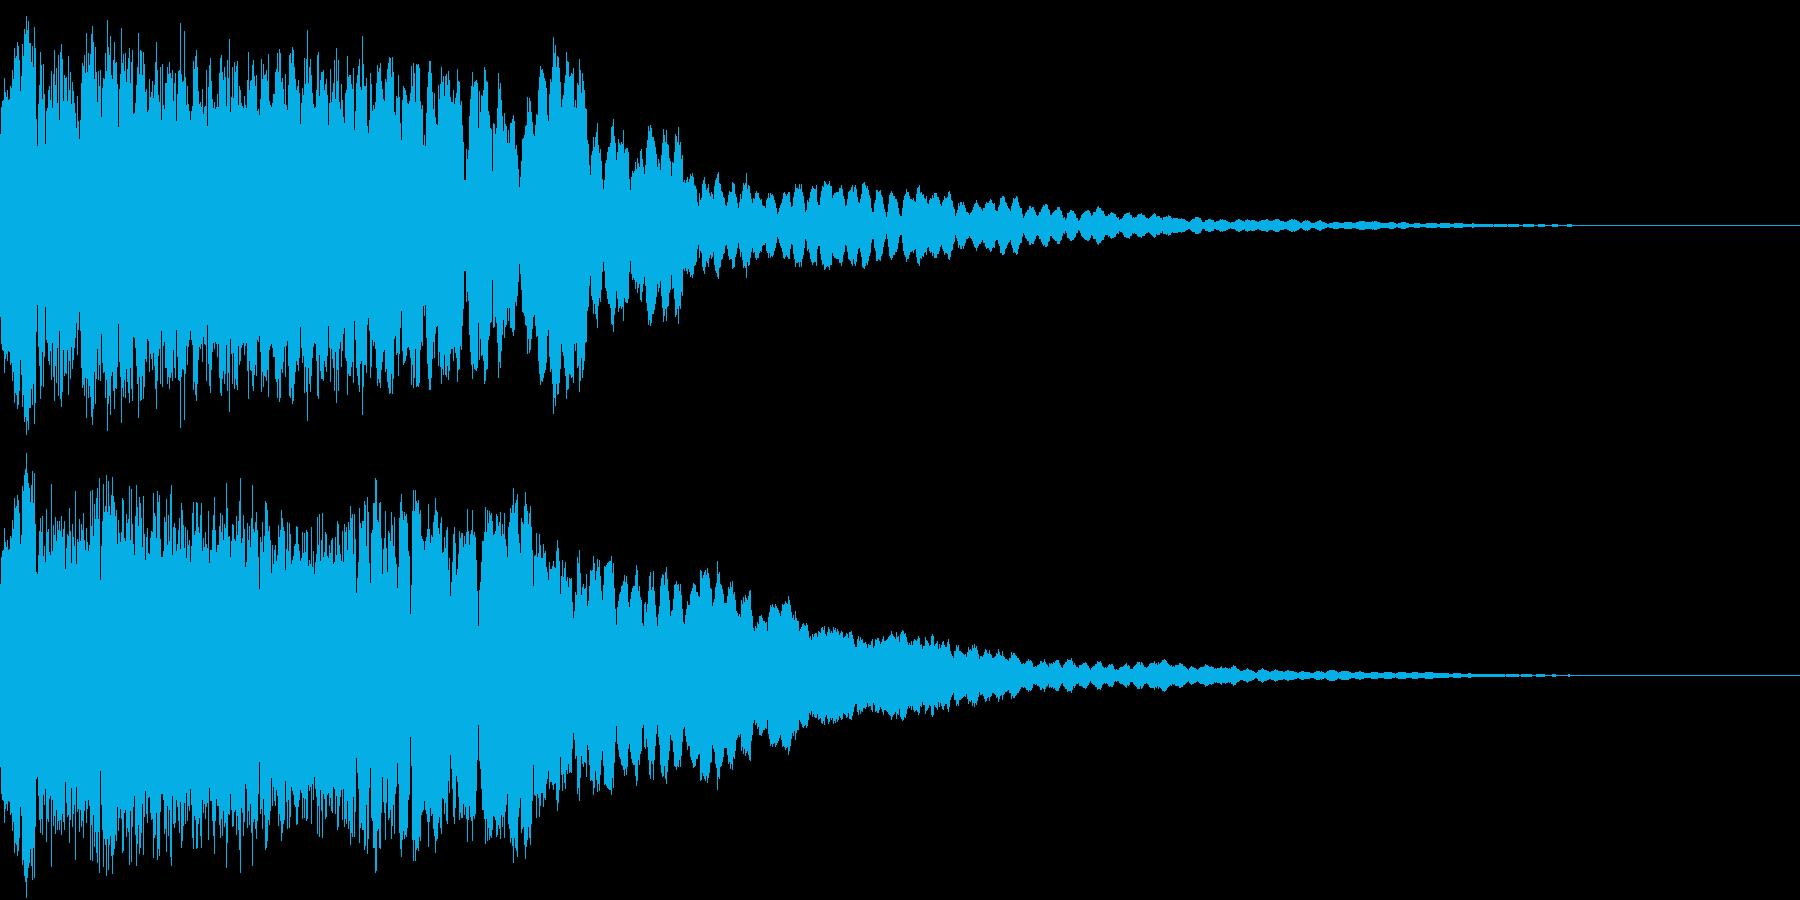 キュイン キュイーン ピカーン 光るの再生済みの波形